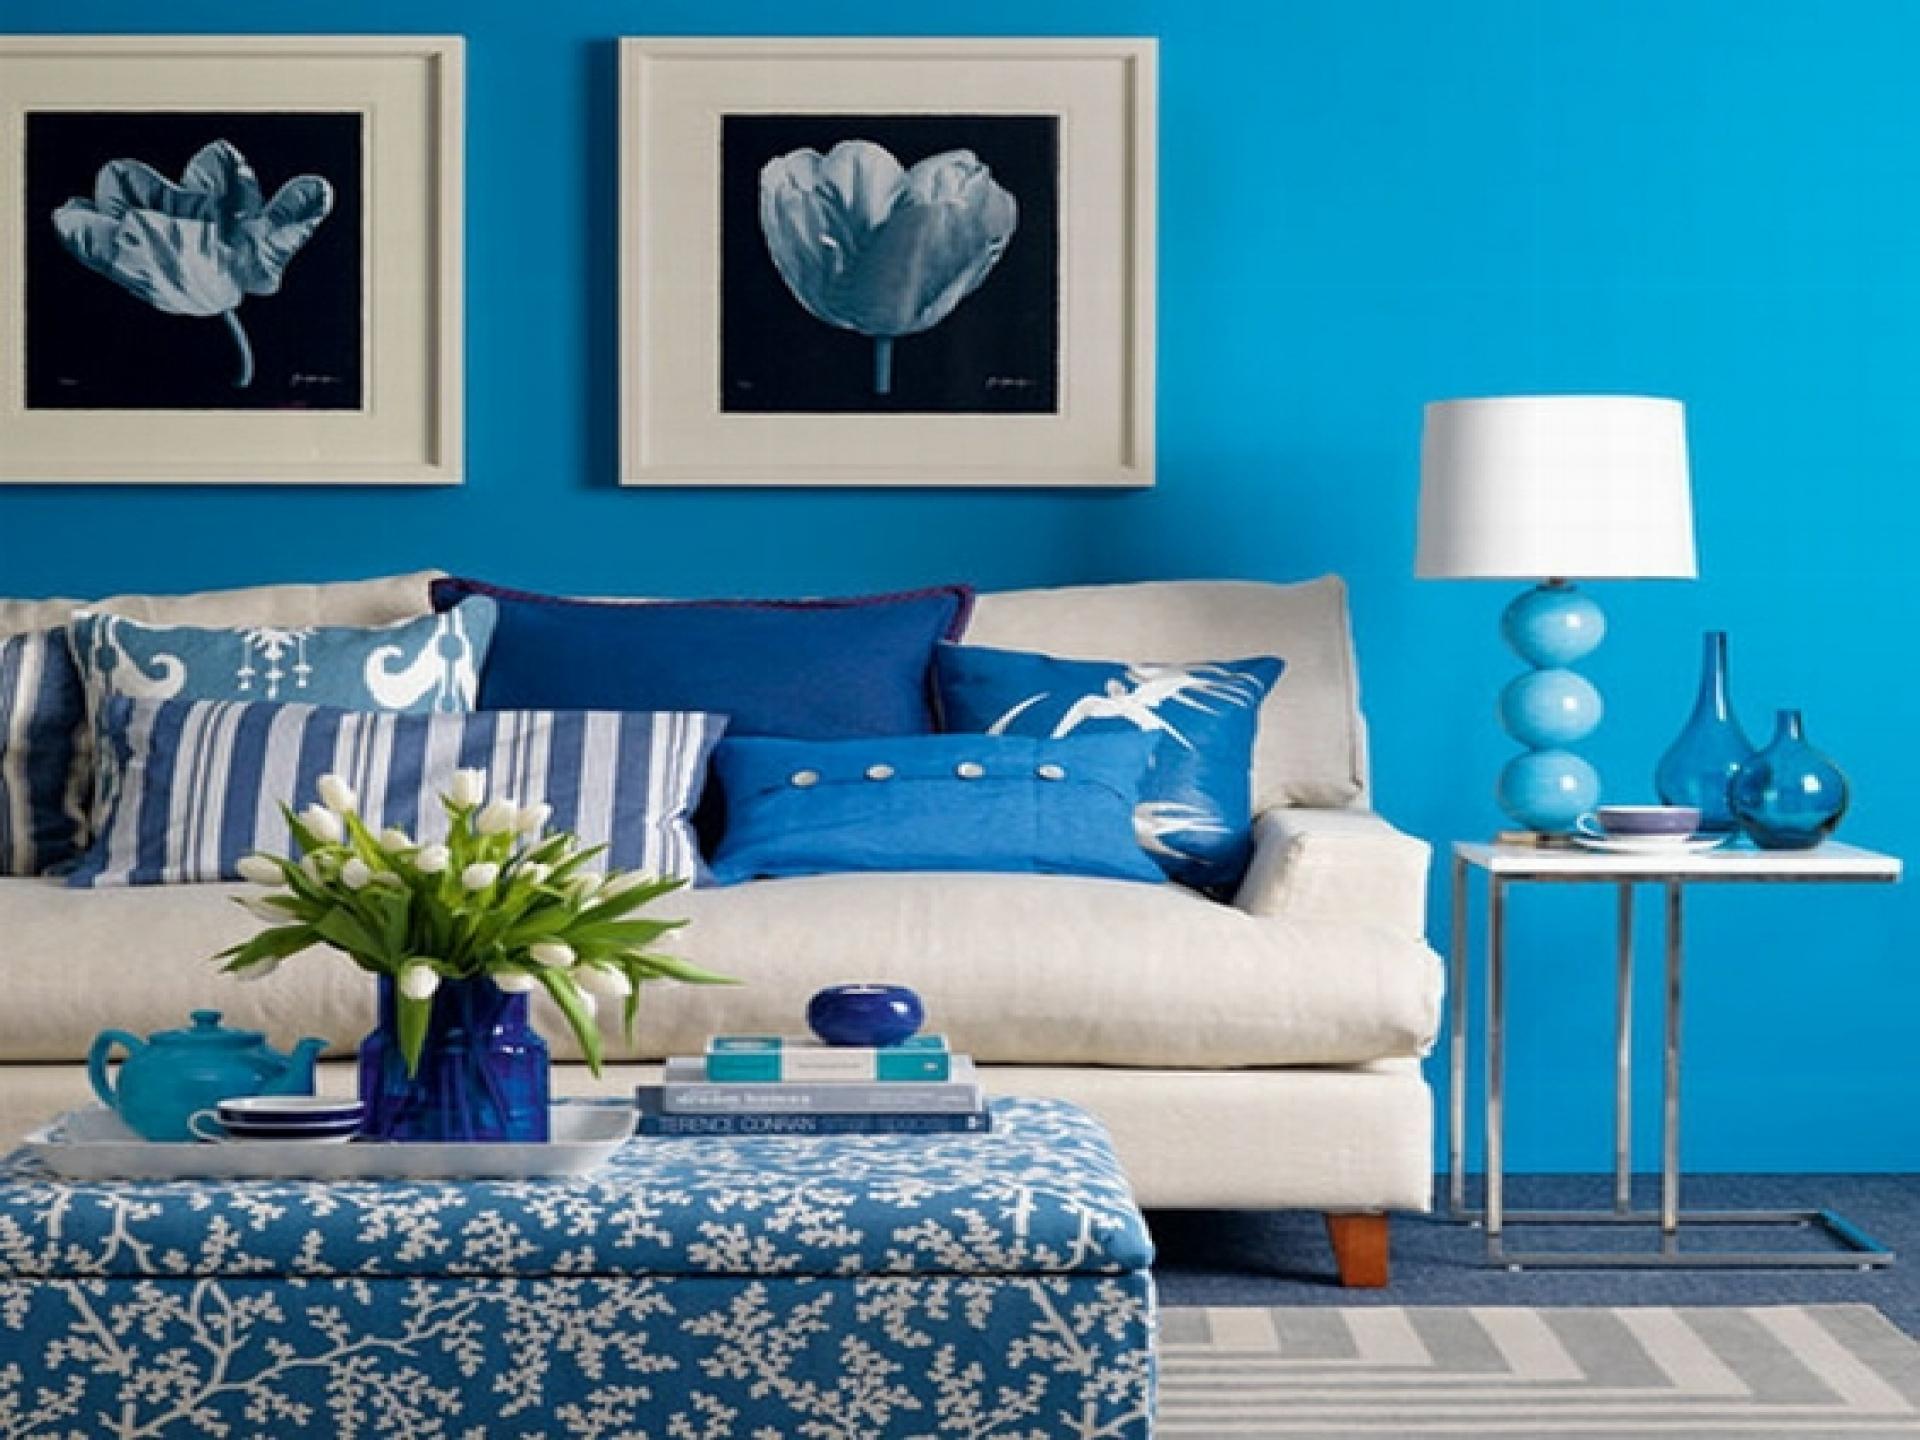 Distintos azules para relajar el ambiente - decordsgn.com